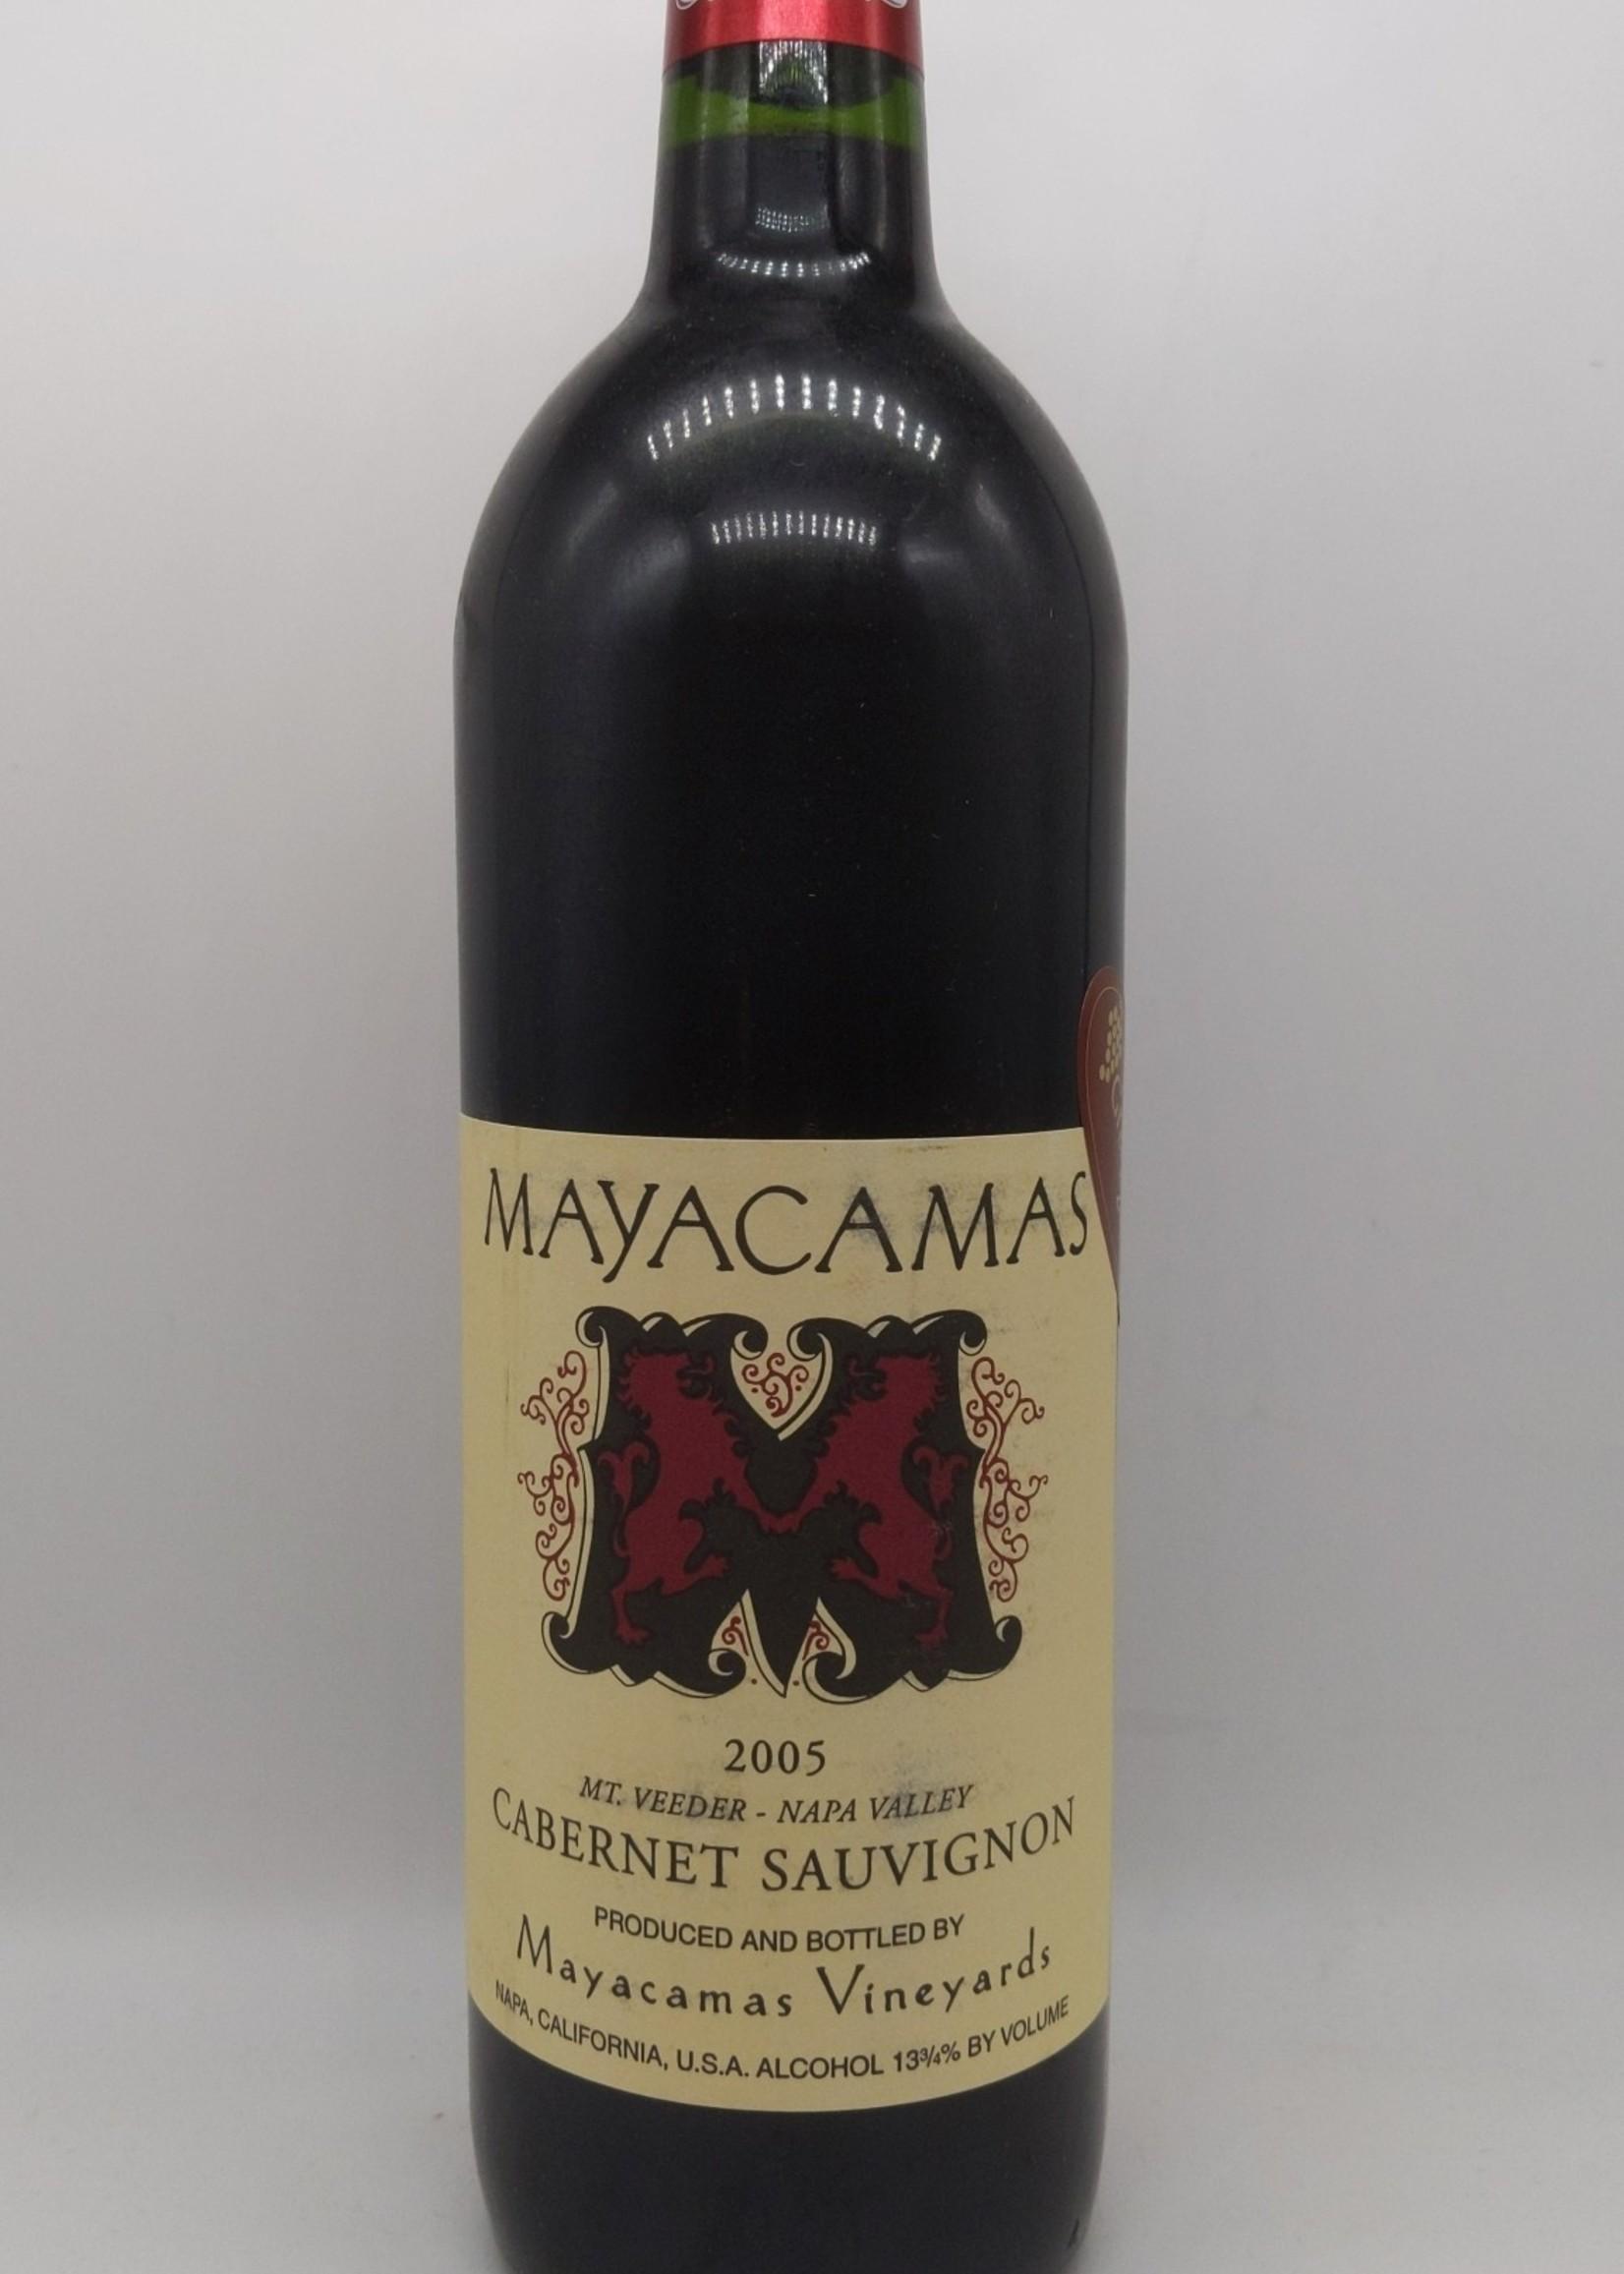 2005 MAYACAMAS CABERNET SAUVIGNON 750ml